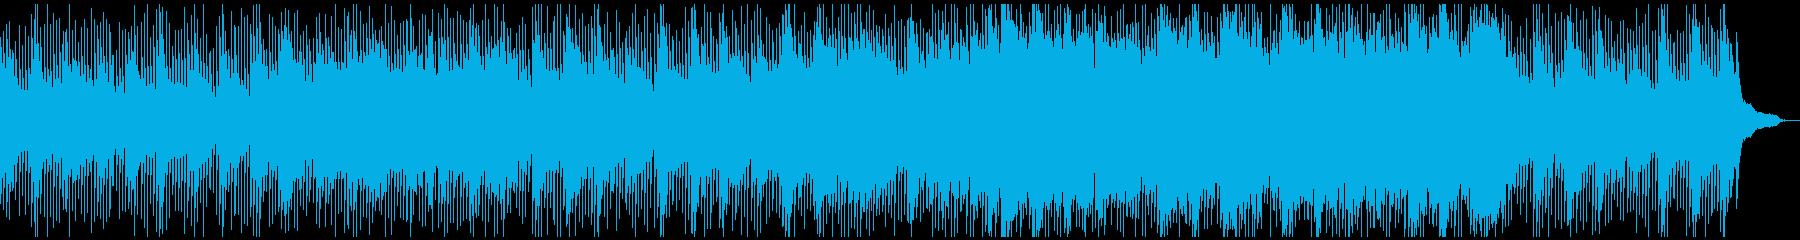 モダンな暖かいアコースティック曲シンセ抜の再生済みの波形